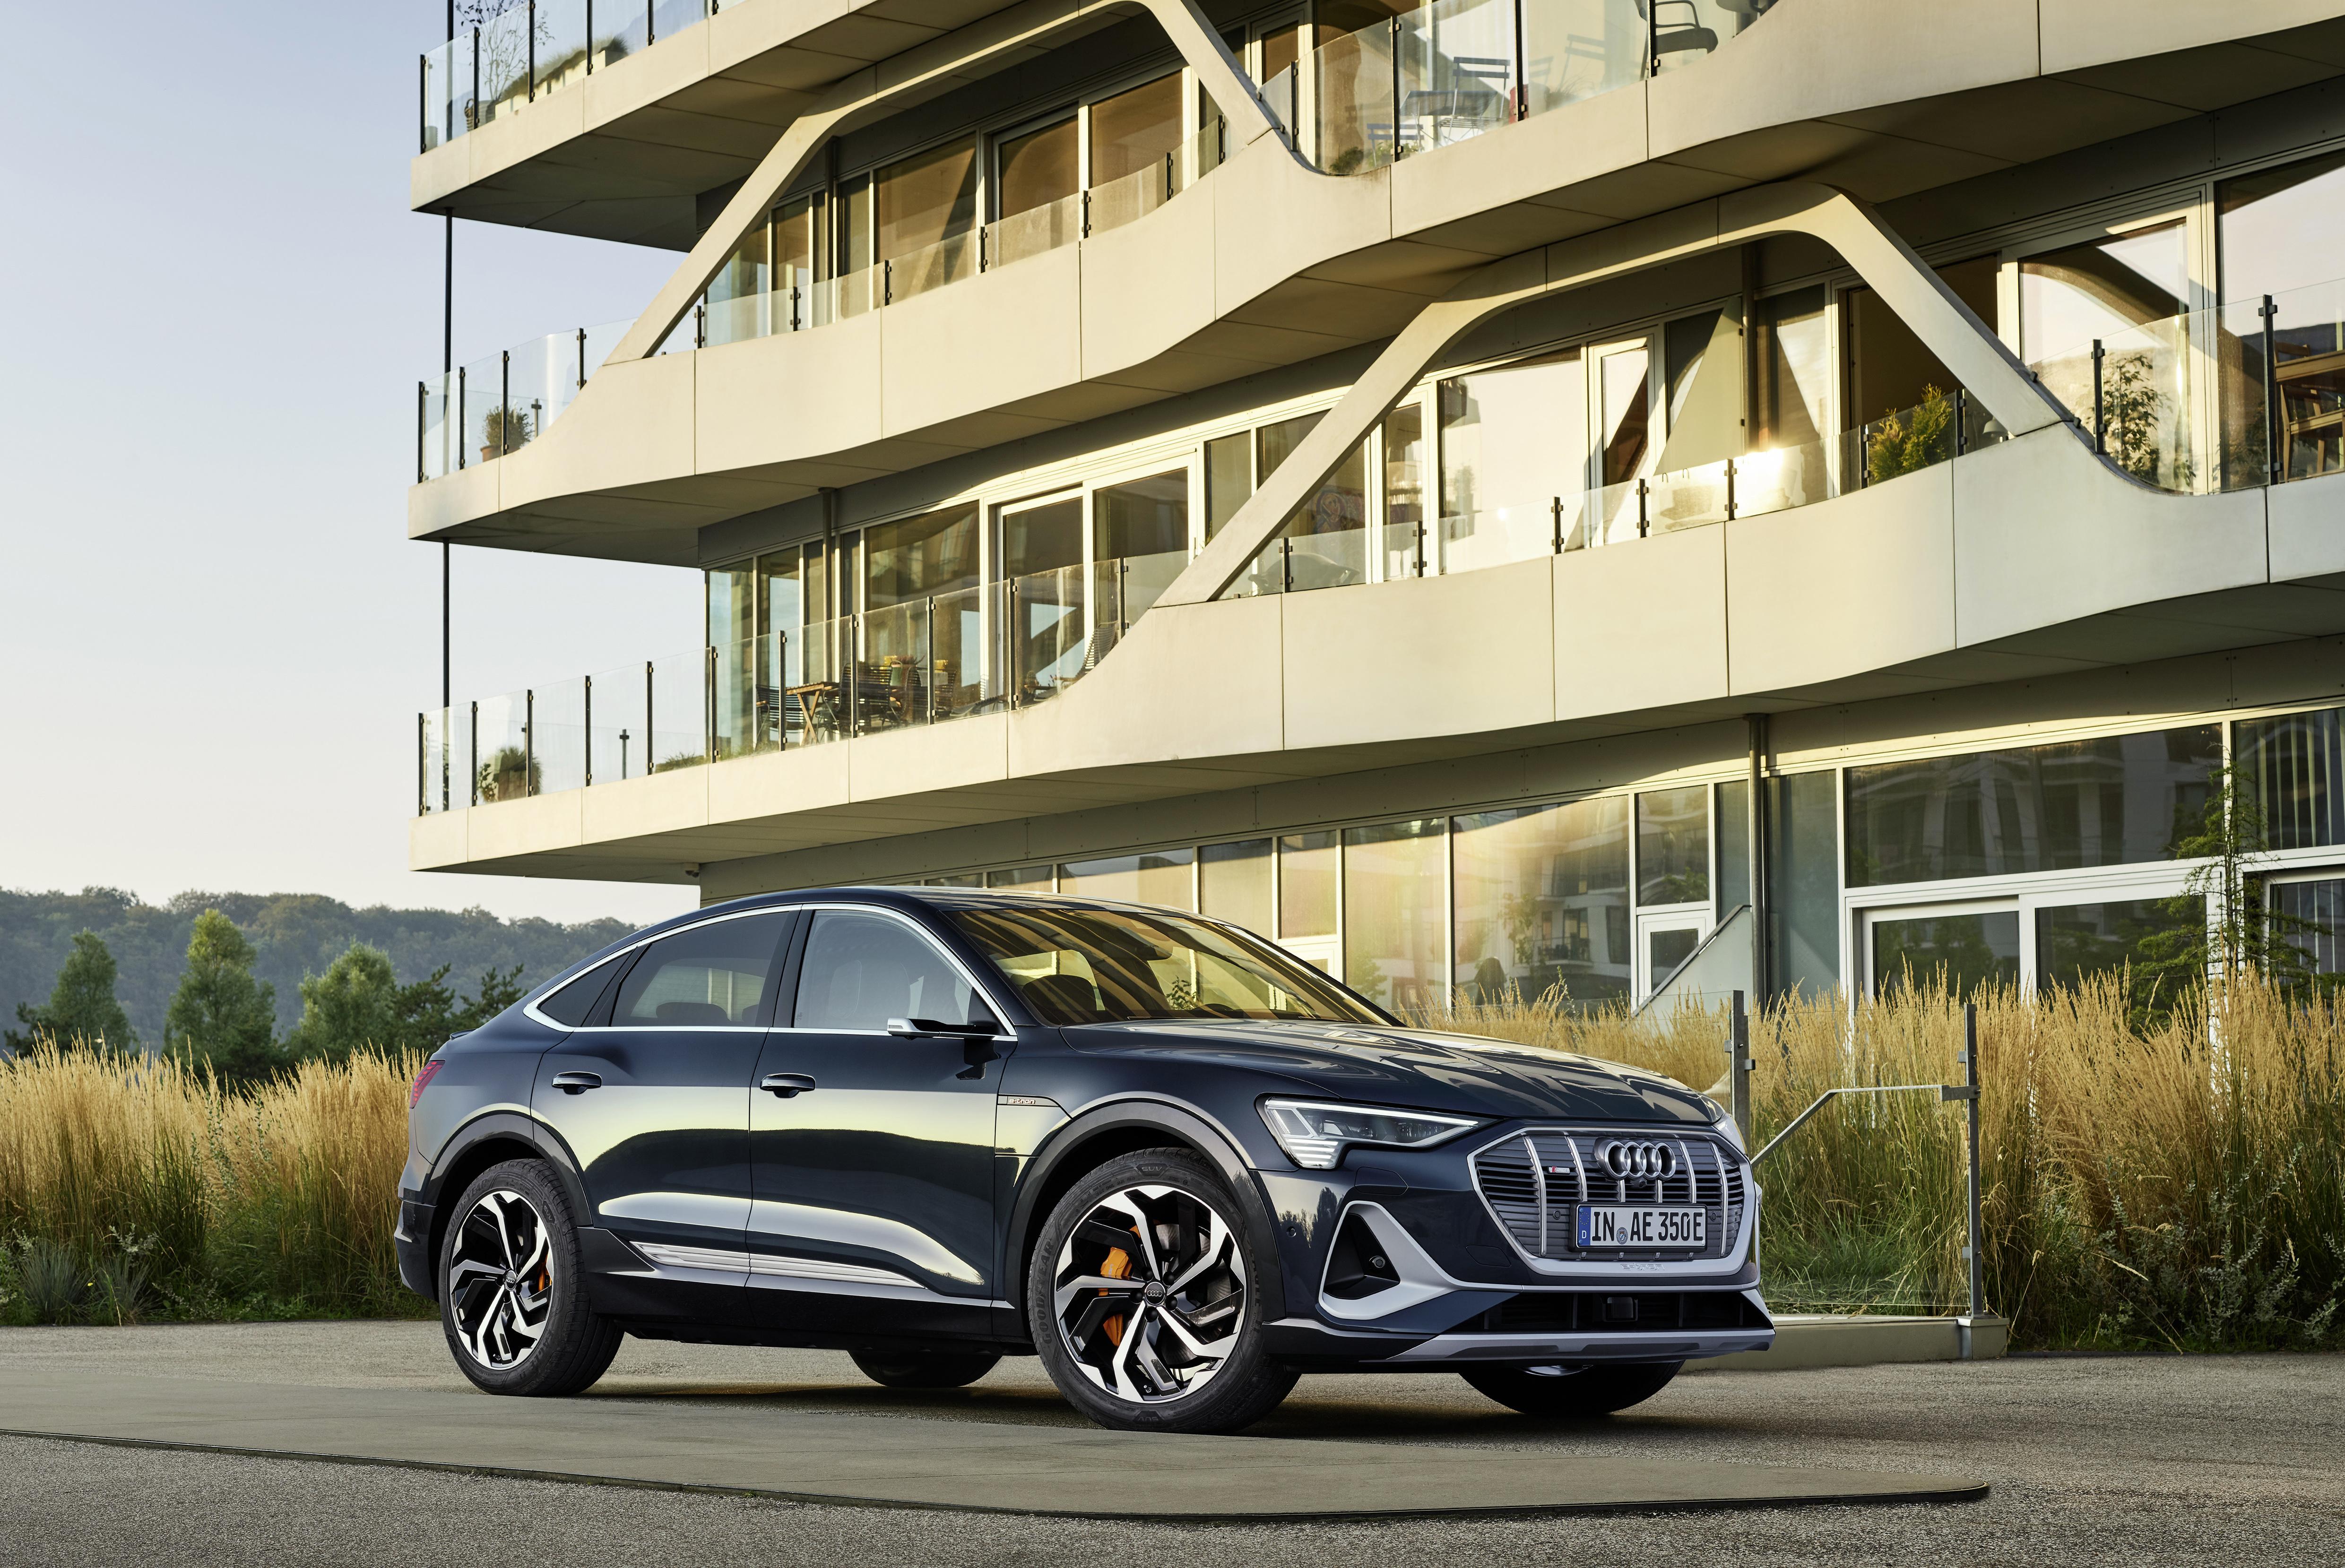 Der Audi e-tron Sportback wird optional sogar mit 22-Zoll-Rädern erhältlich sein. (AUDI)